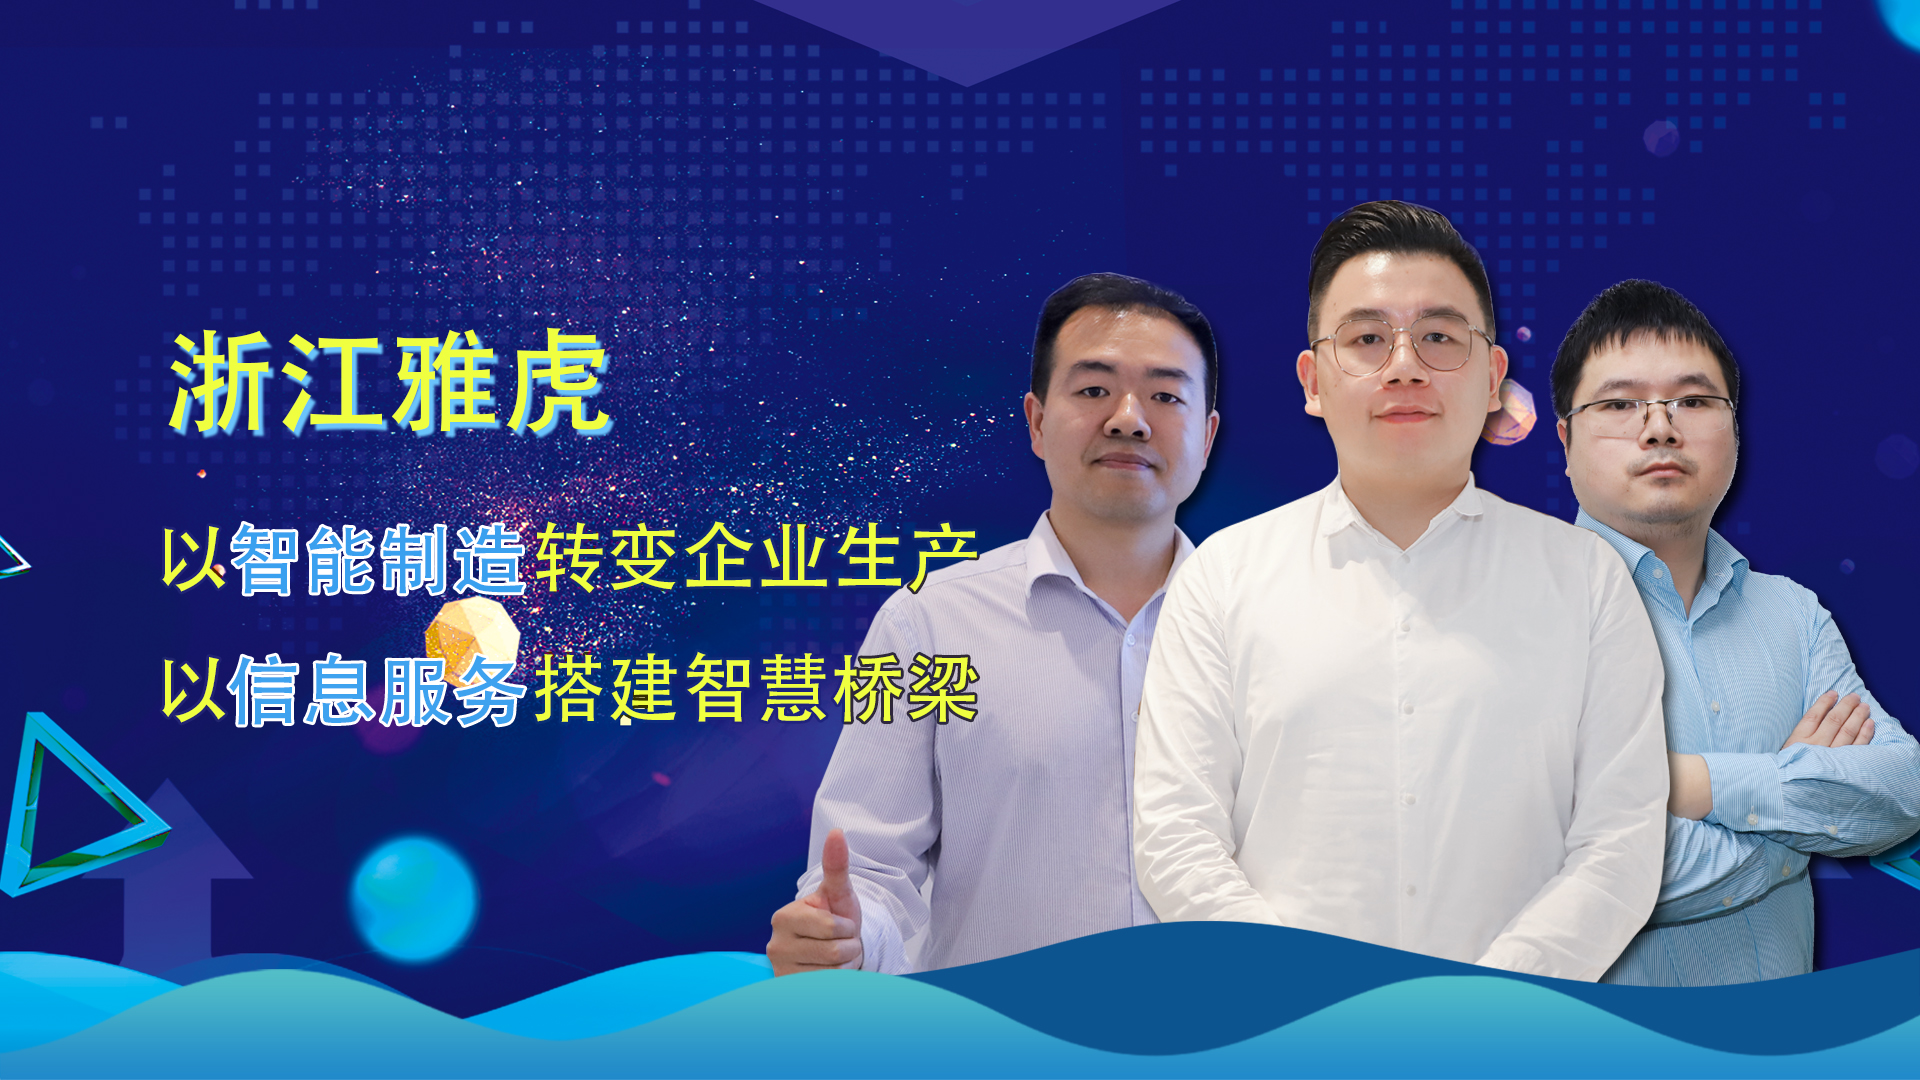 浙江雅虎汽車-智慧生產創造無限未來